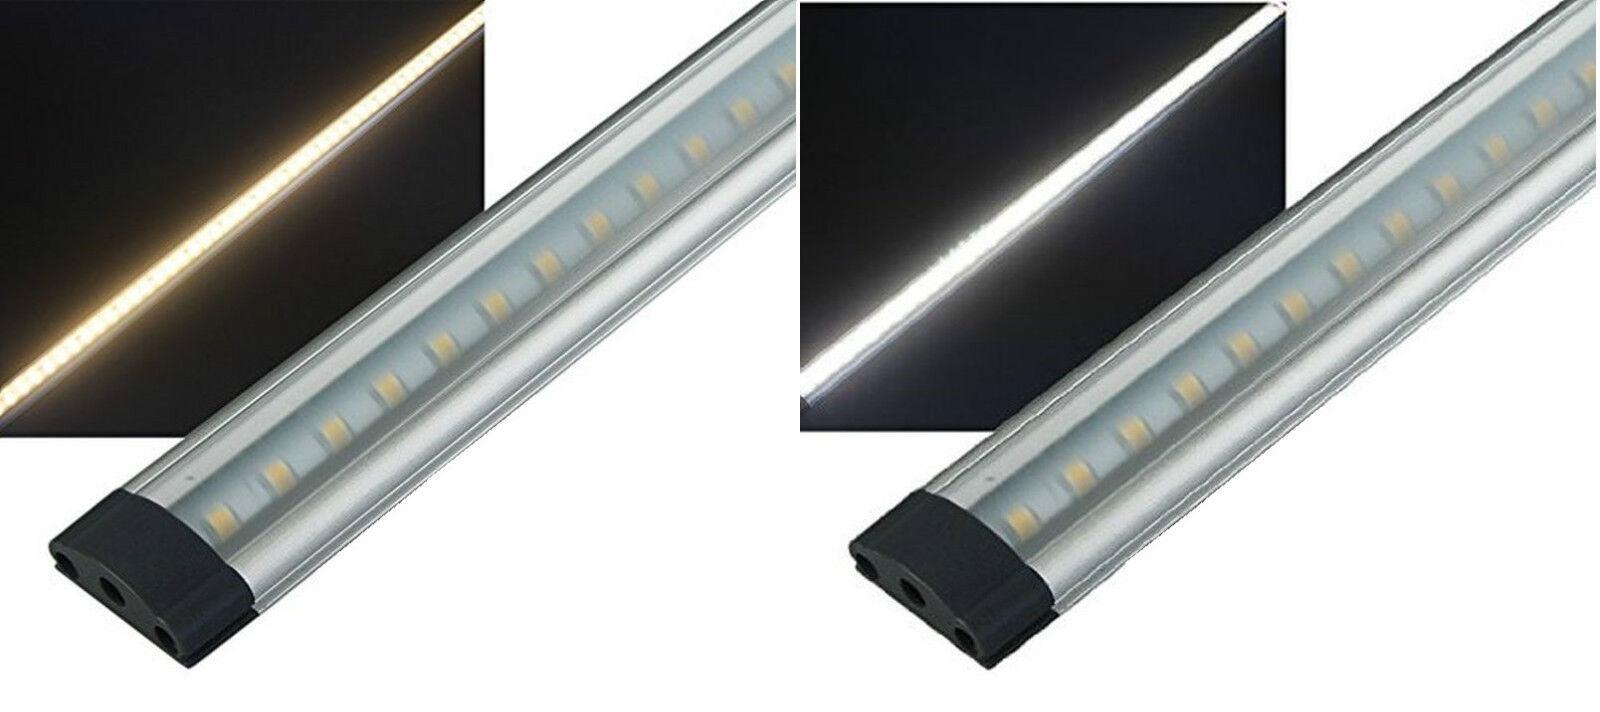 TOUCH DIMMER LED unterbauleiste 3,3 W alluminio 30cm lungo 1cm altezza